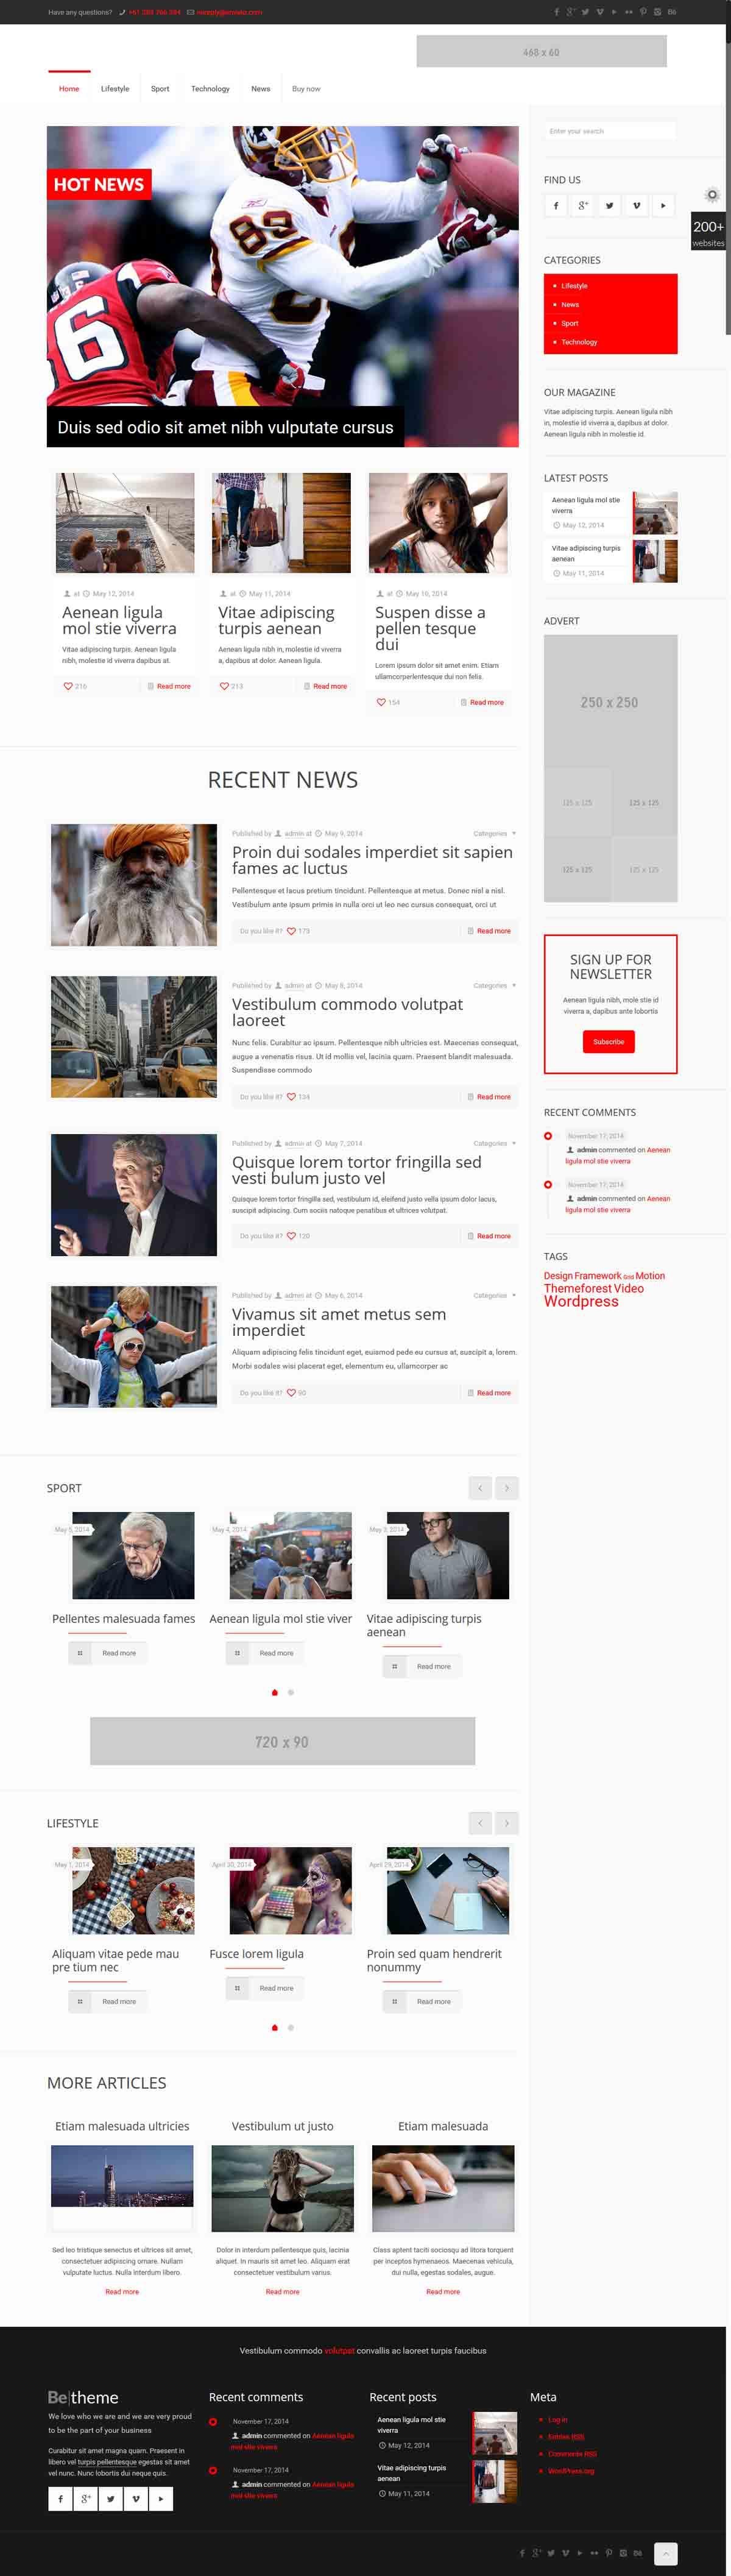 طراحی وب سایت خبری ورزشی